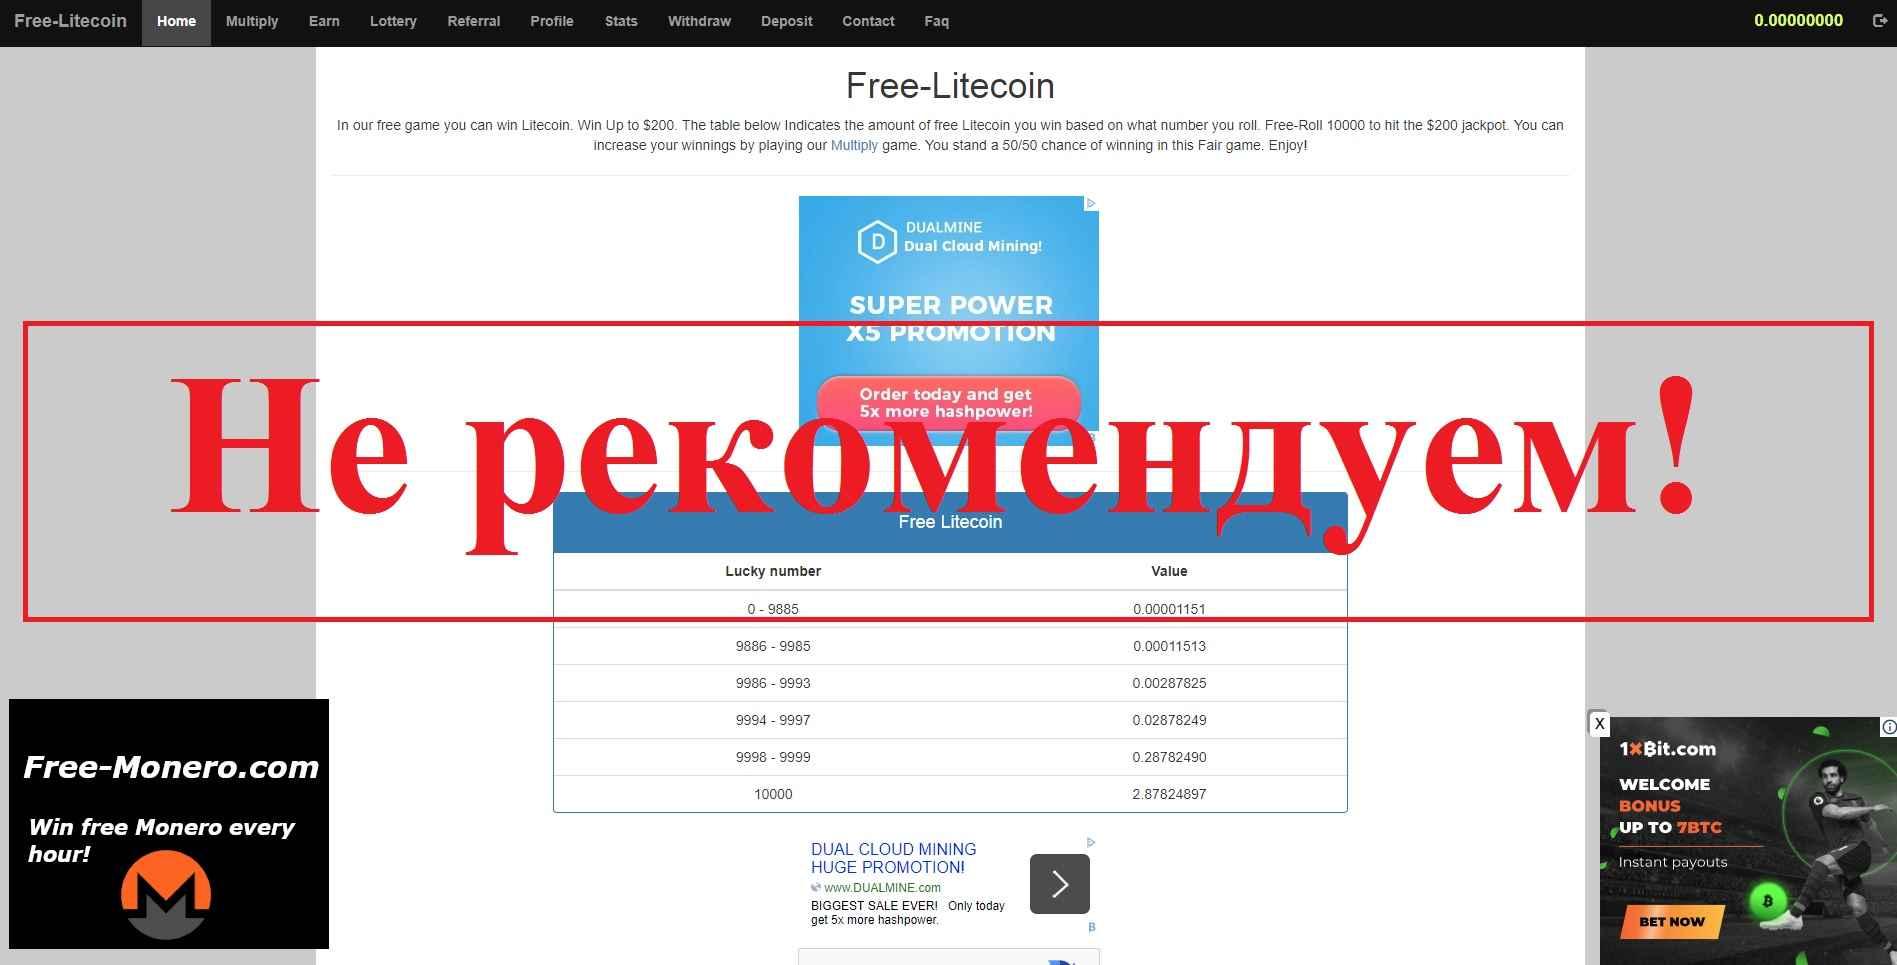 Free-Litecoin.com – честные отзывы. Скам?